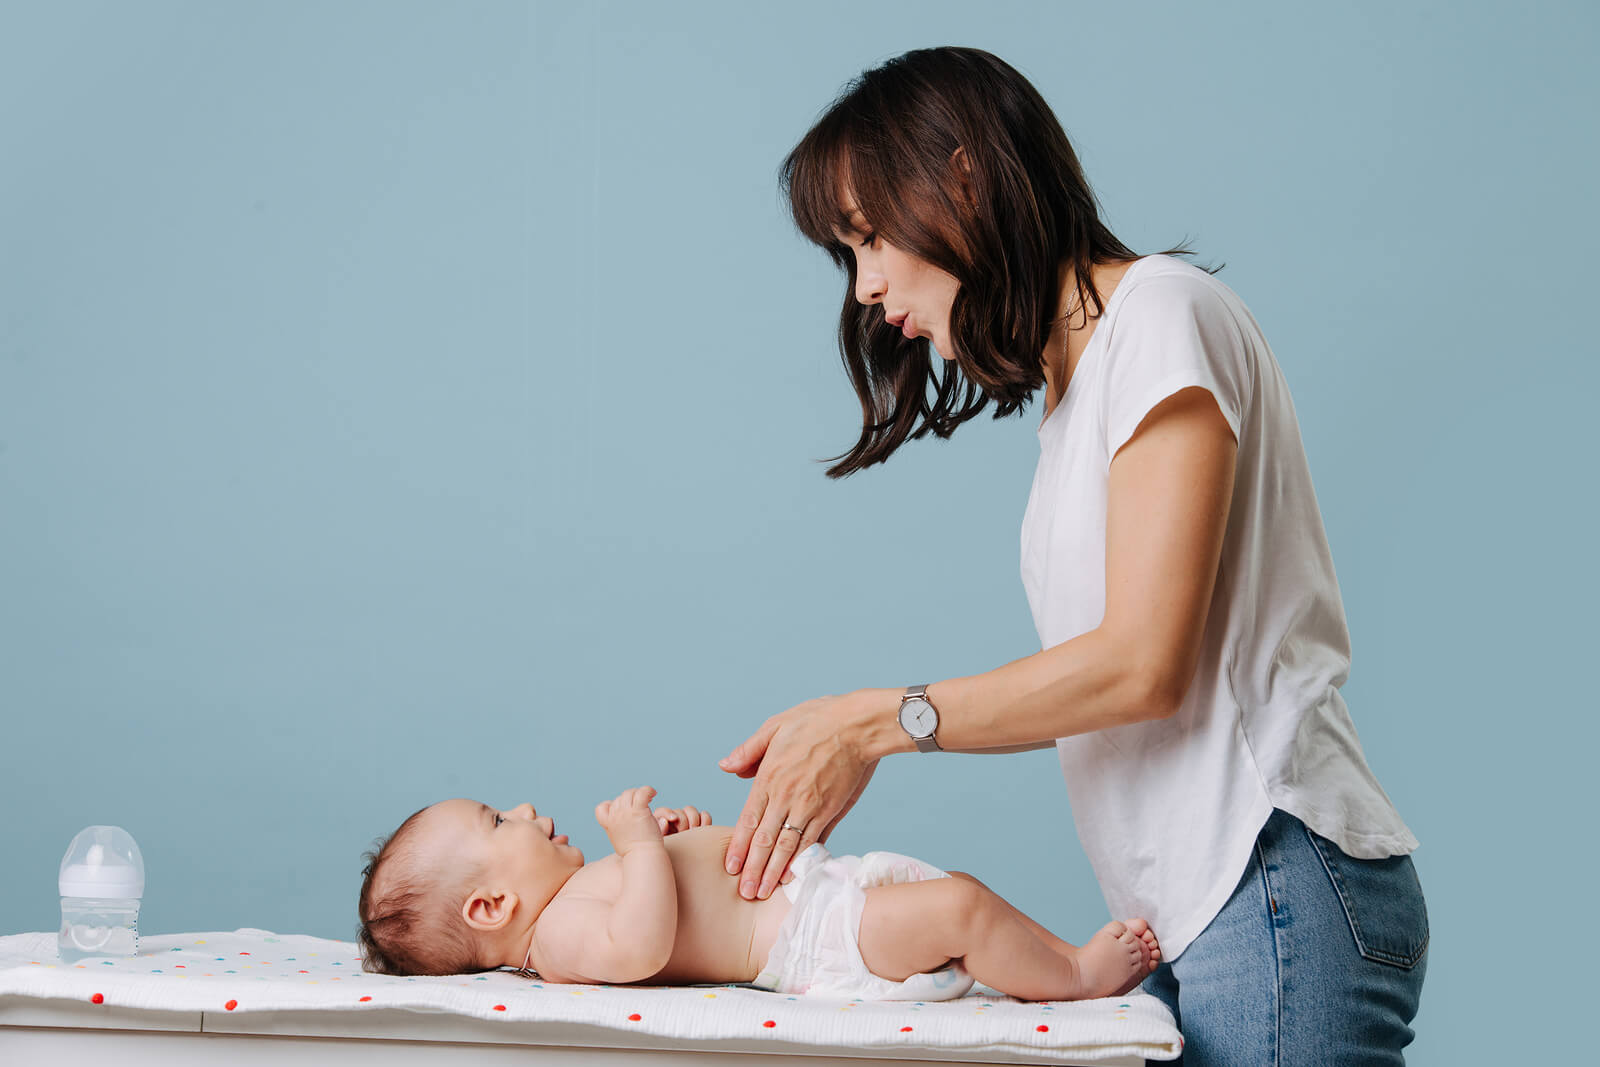 Madre en el cambiador con su bebé hablando mediante el baby sign.